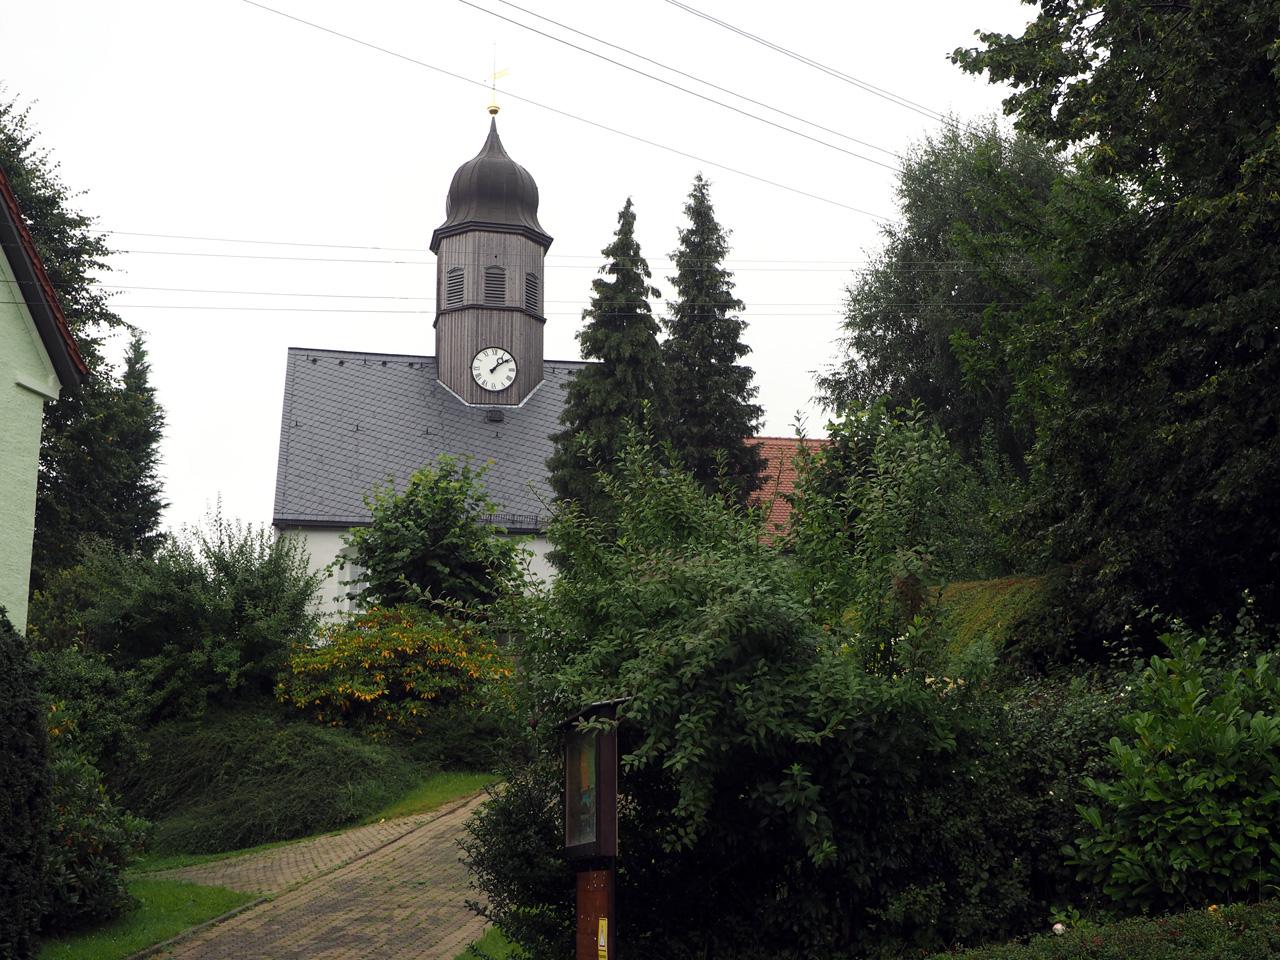 de kerk in het centrum van het dorp